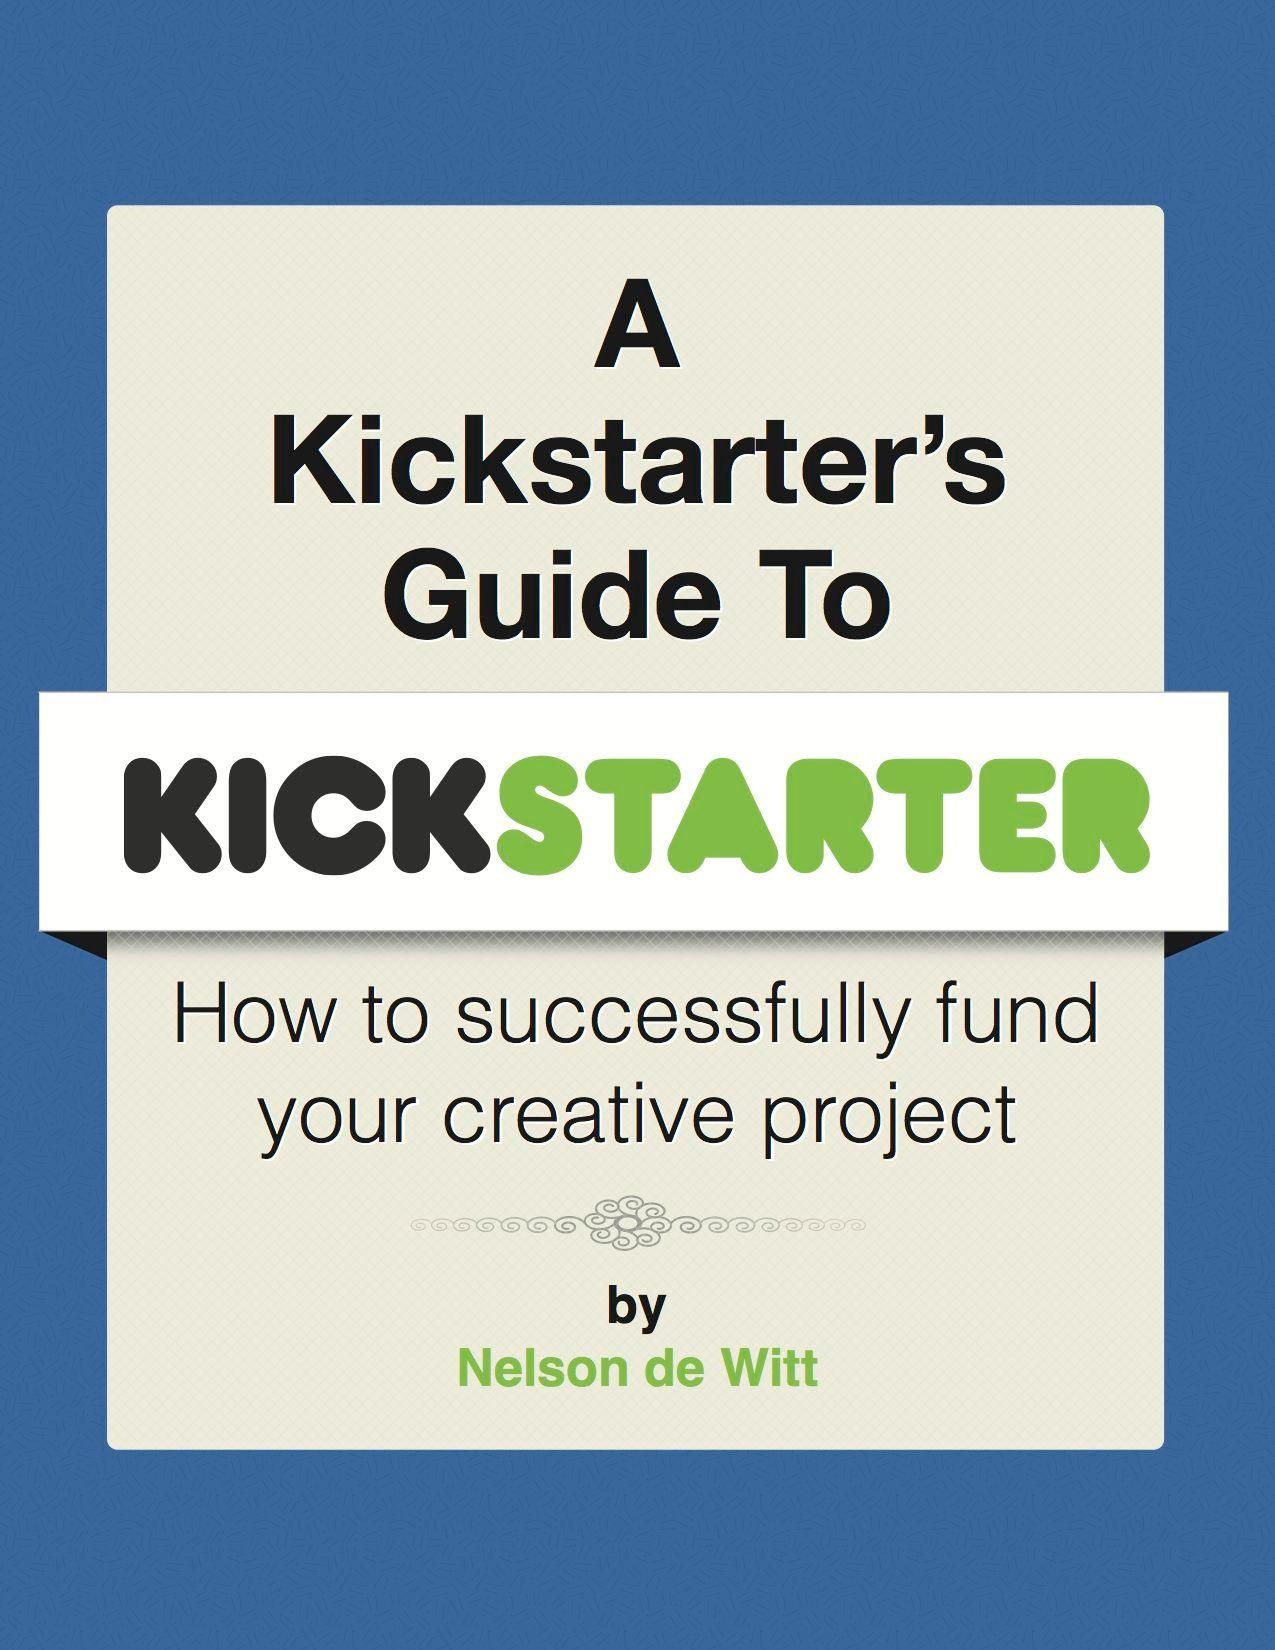 A Kickstarter's Guide to Kickstarter